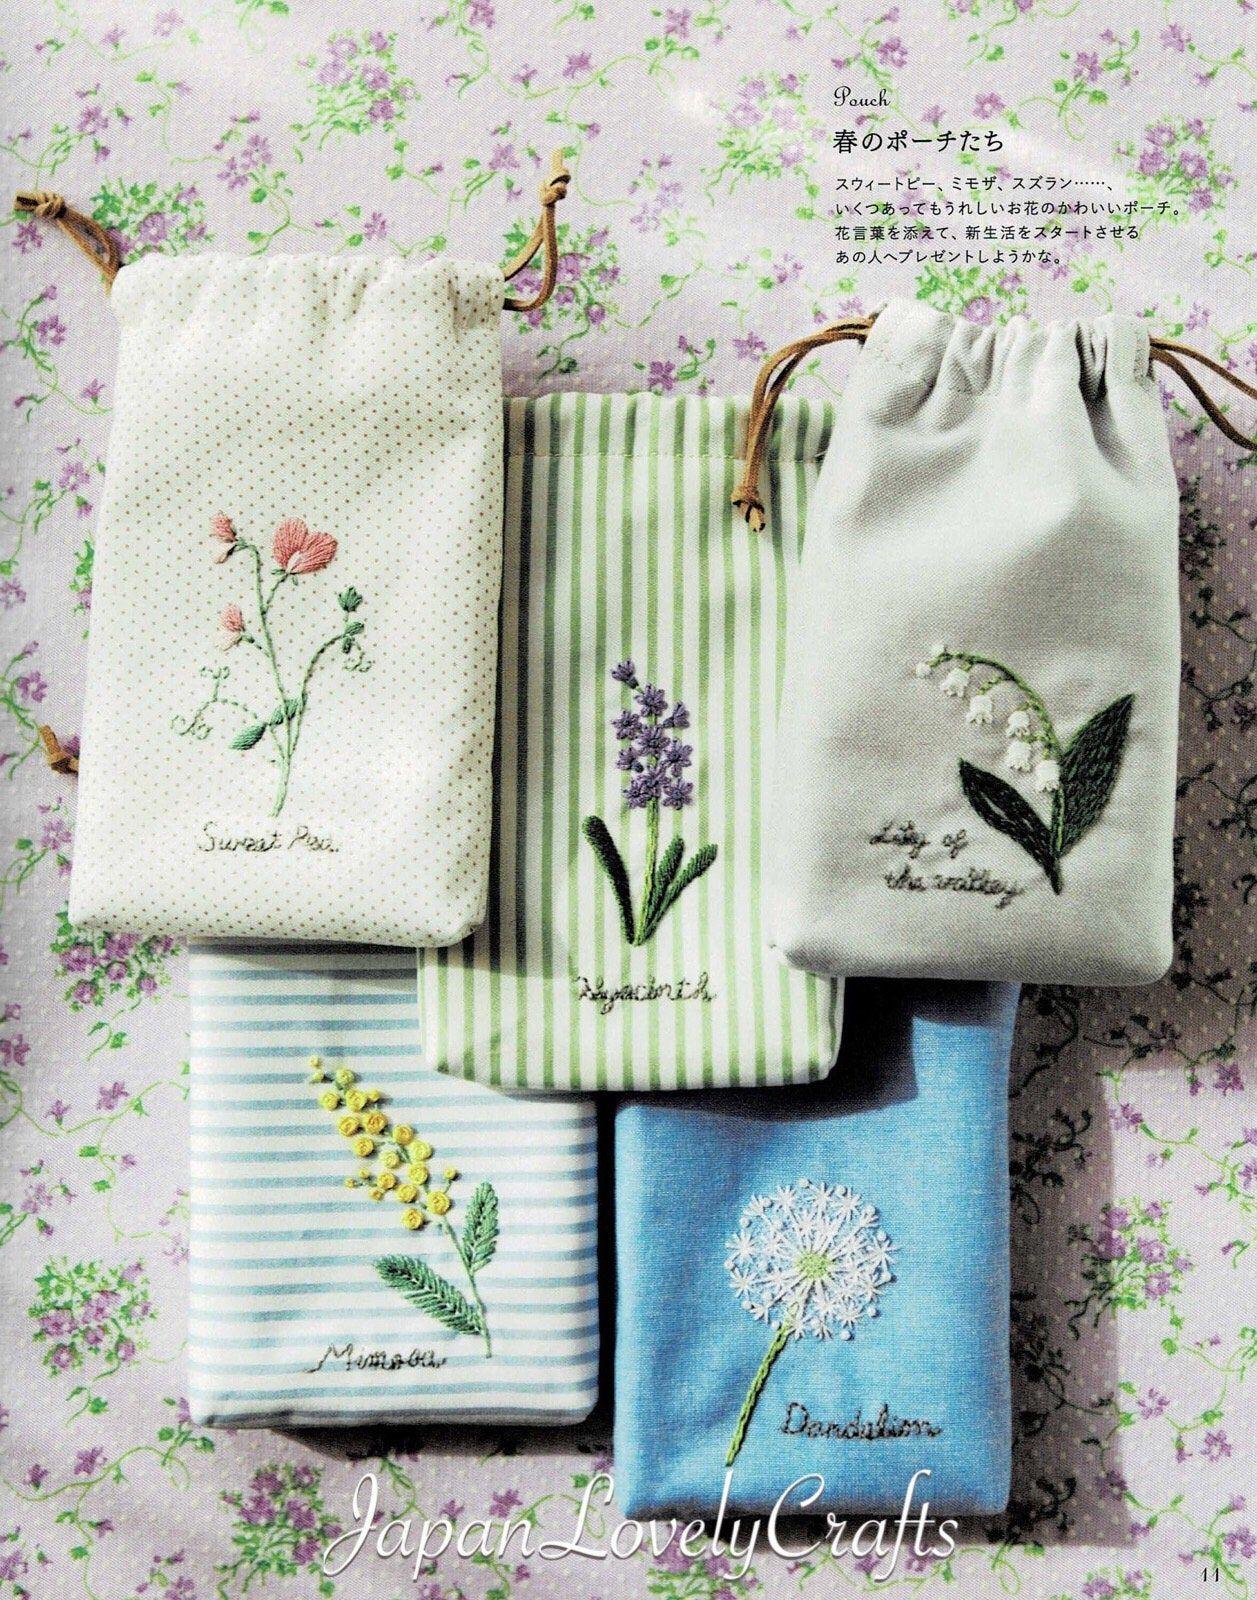 Ähnliche Artikel wie Japanische Hand Stickerei Blumen-Muster, gestickte Blumen Dekor Wand Kunst-Geschenk, einfach Stickerei Tutorial, wilde Garten Blumen Muster auf Etsy